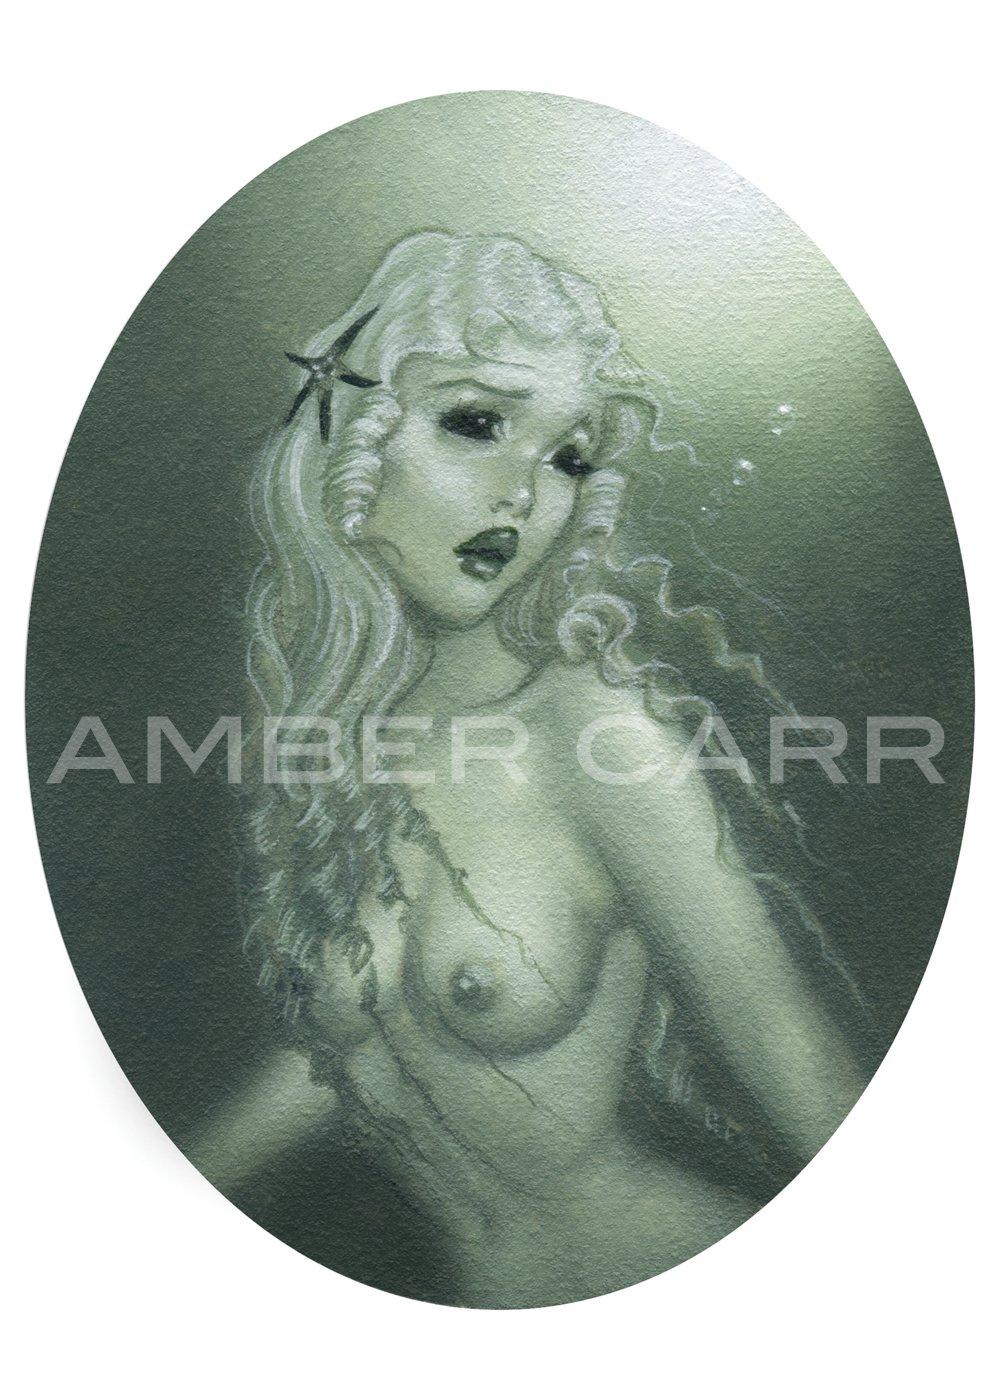 Image of Little Mermaid 2 mini print